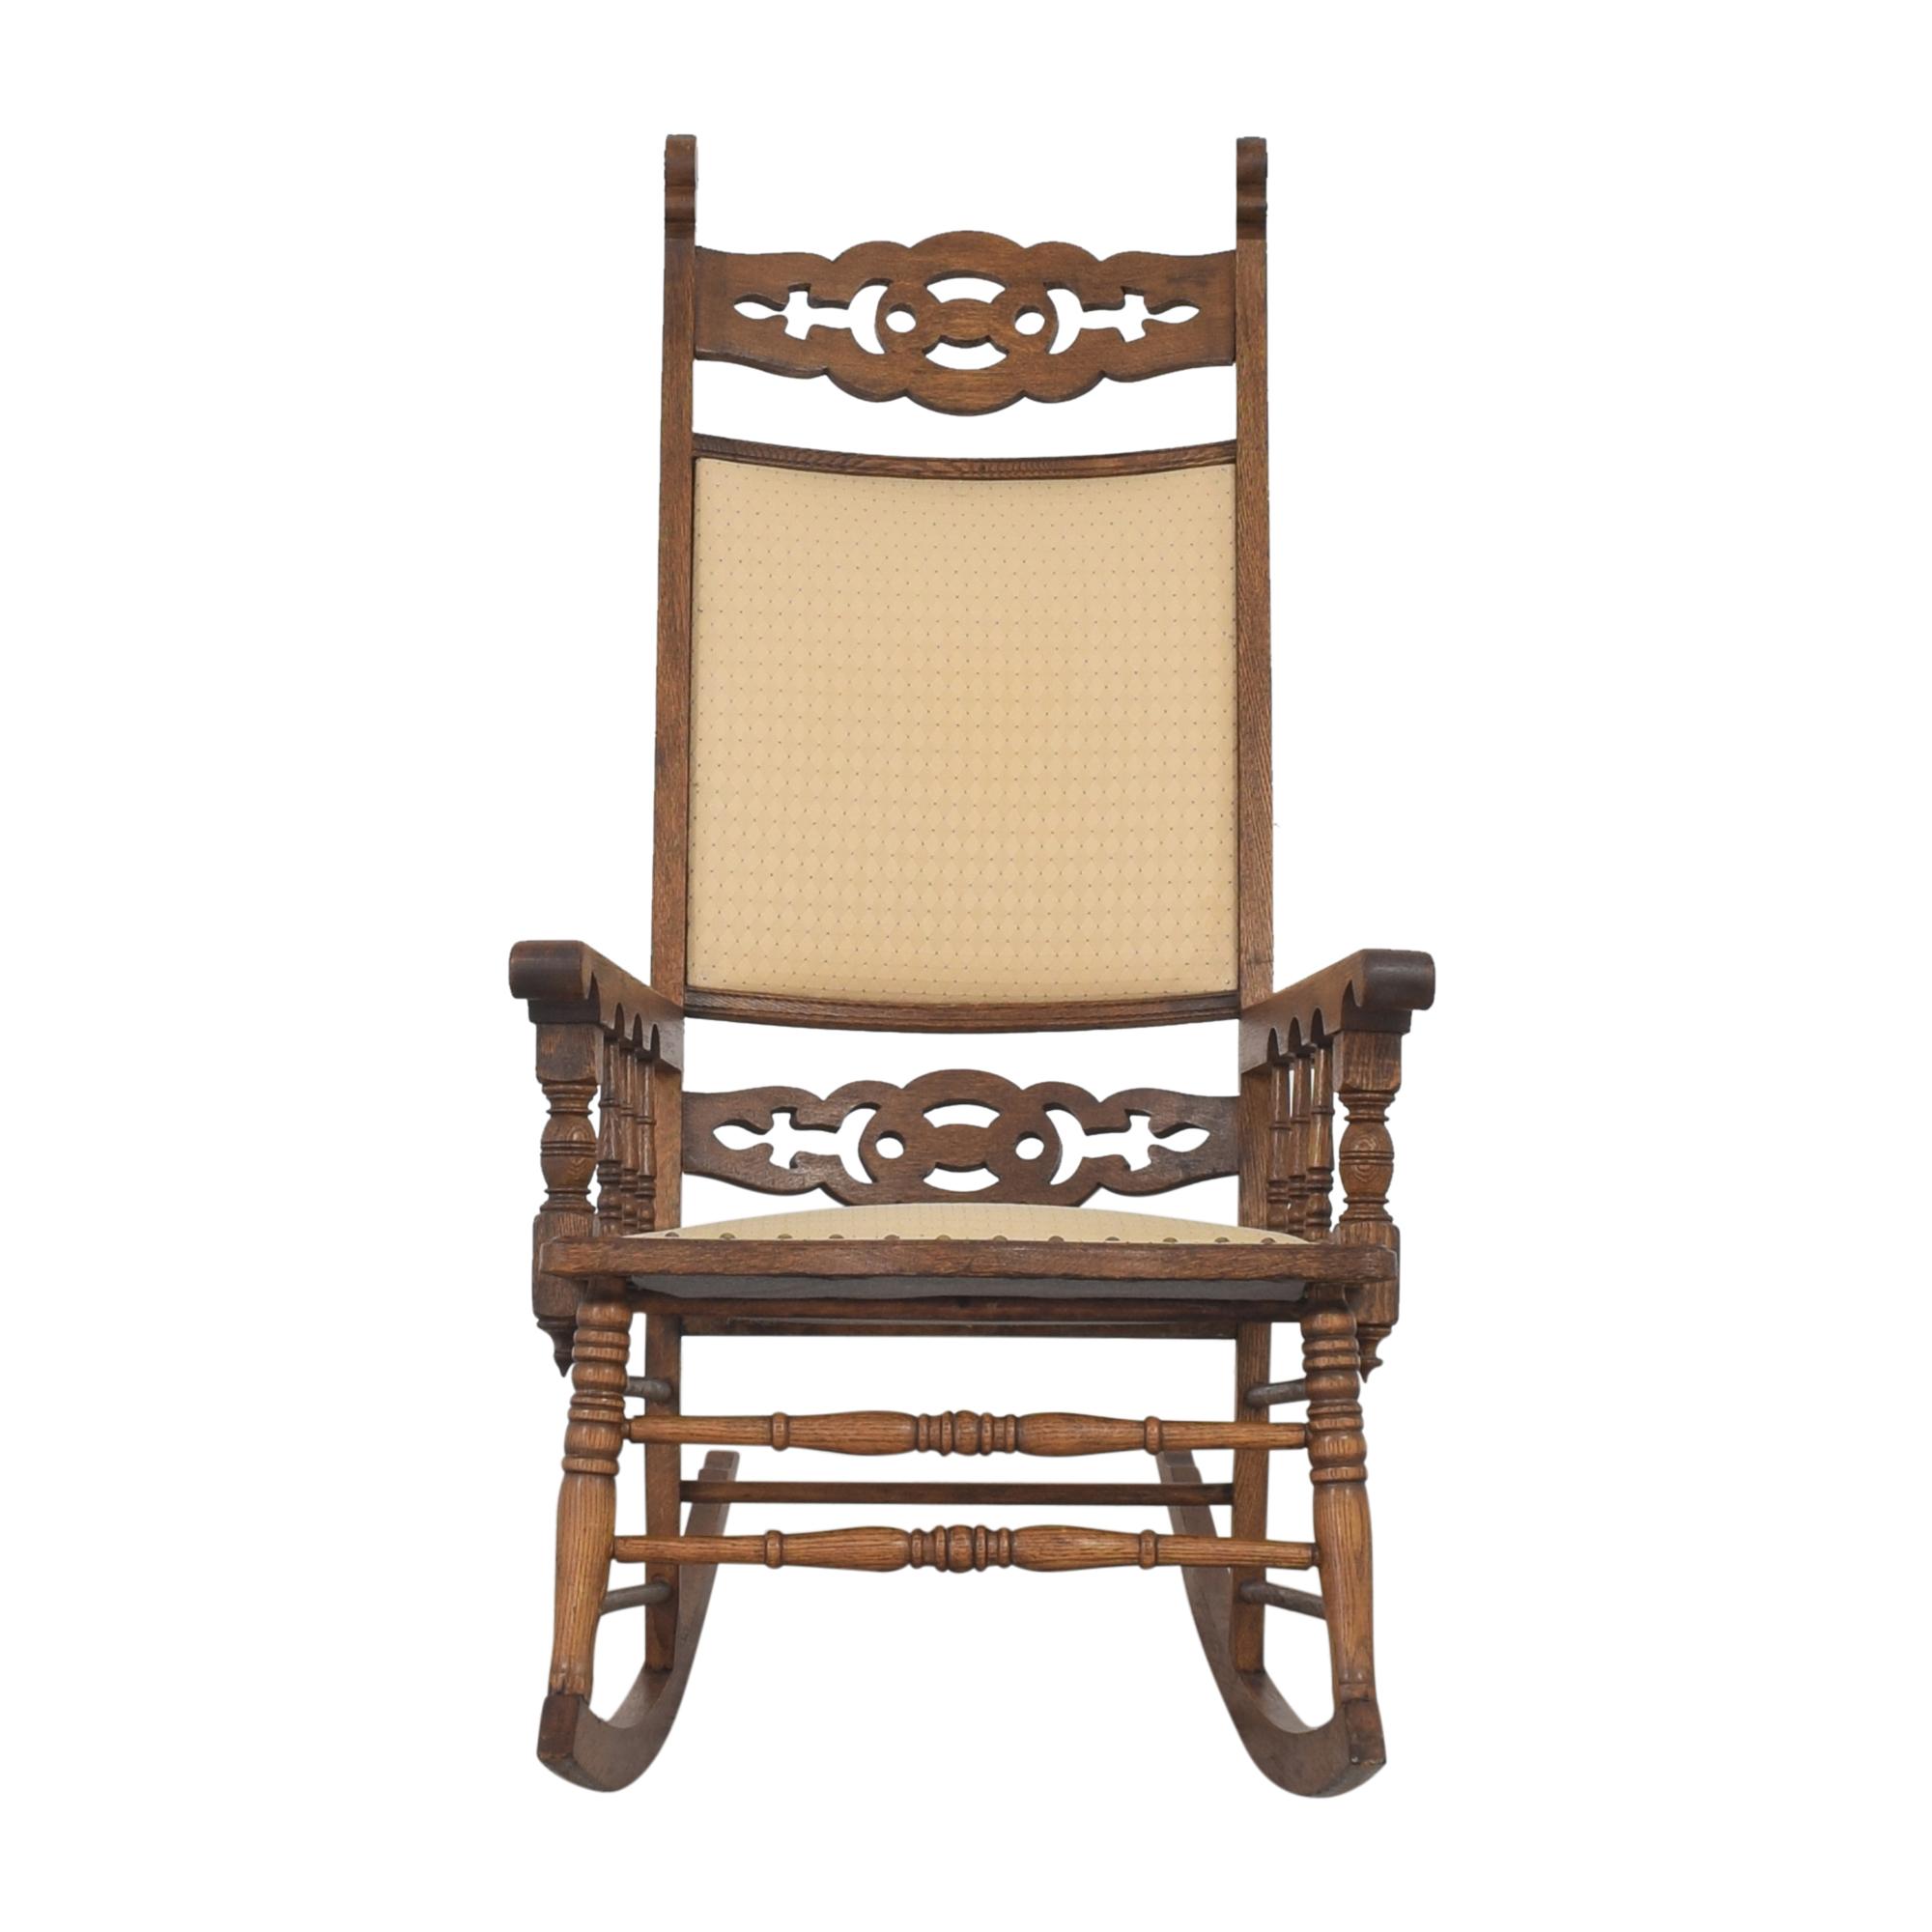 Rustic Rocking Chair brown & beige